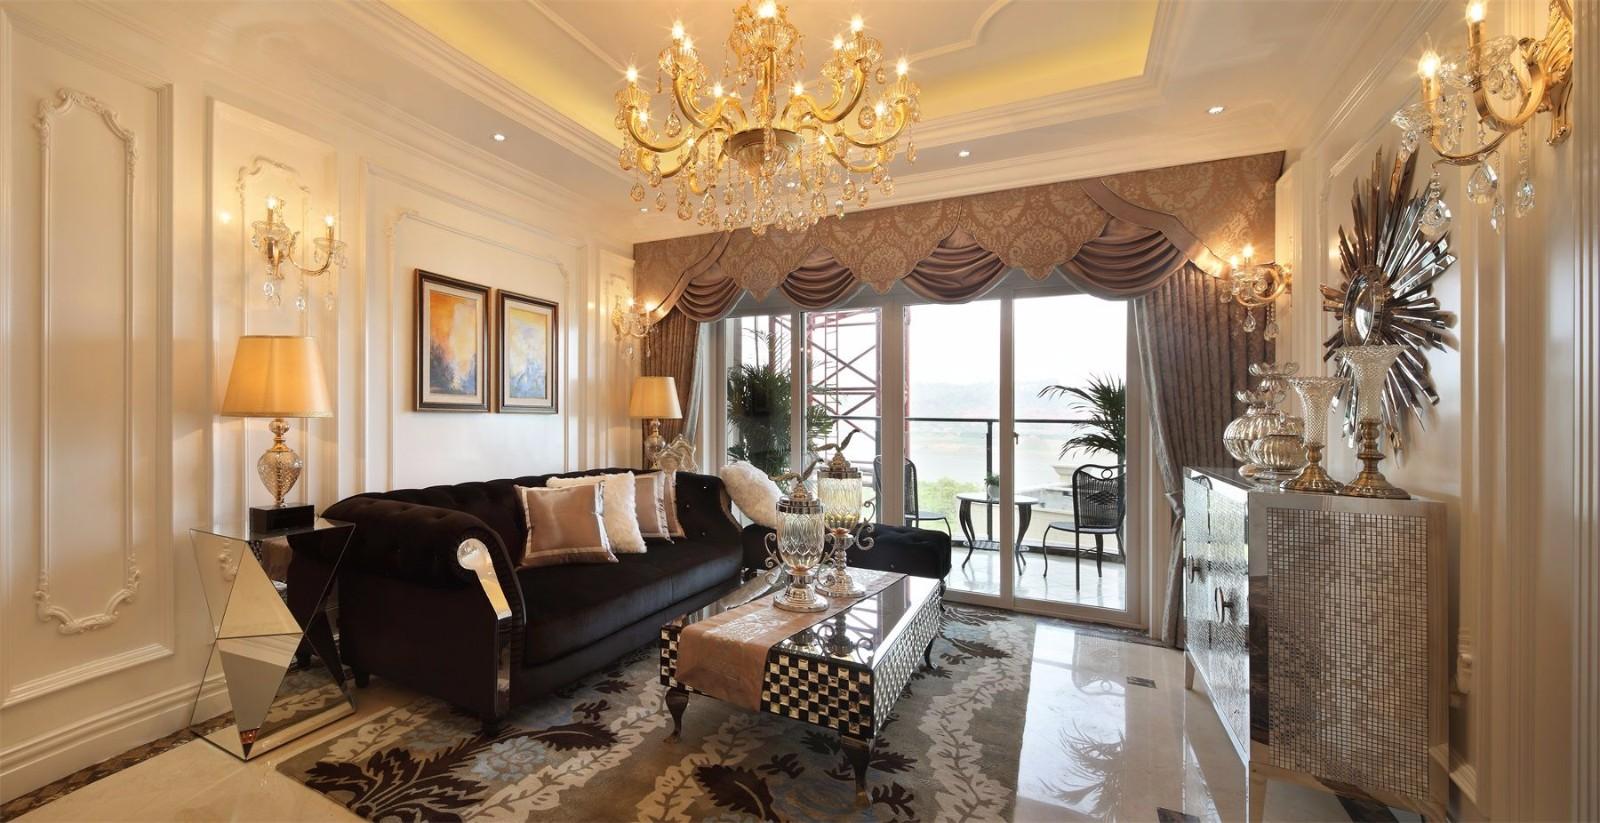 法式风格别墅客厅装修设计效果图